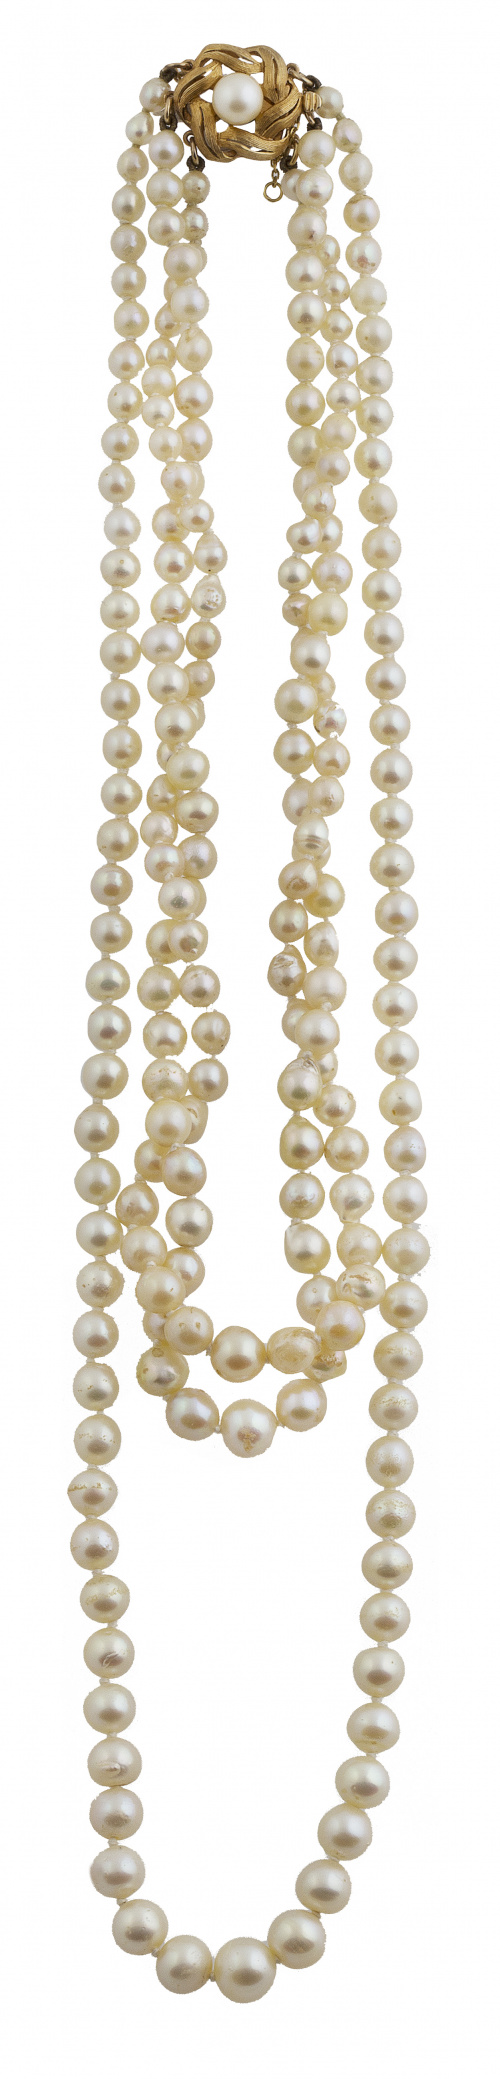 Collar de tres hilos de perlas cultivadas de tamaño crecien